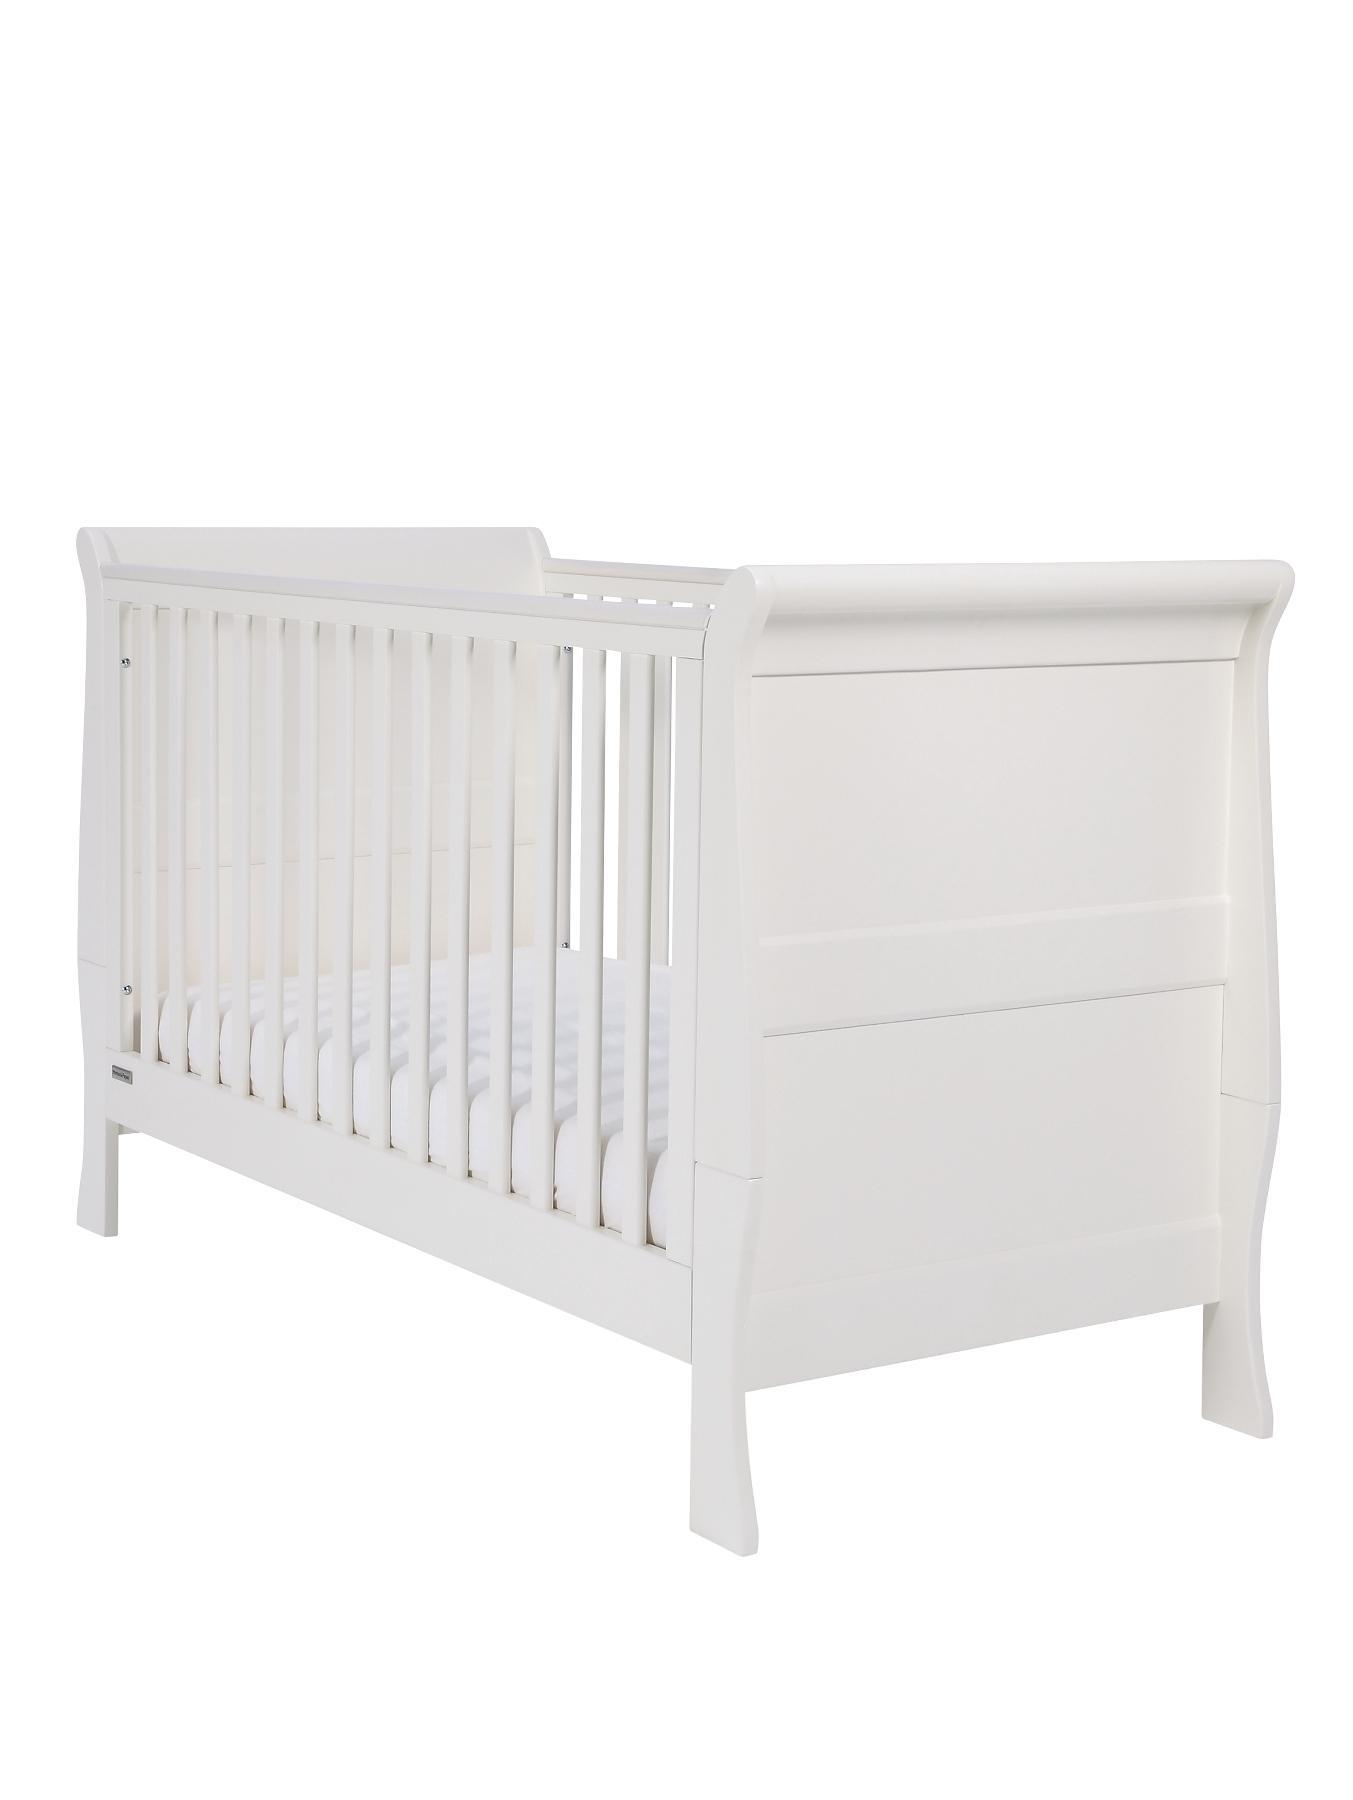 Mamas And Papas Cot Bed Mattress